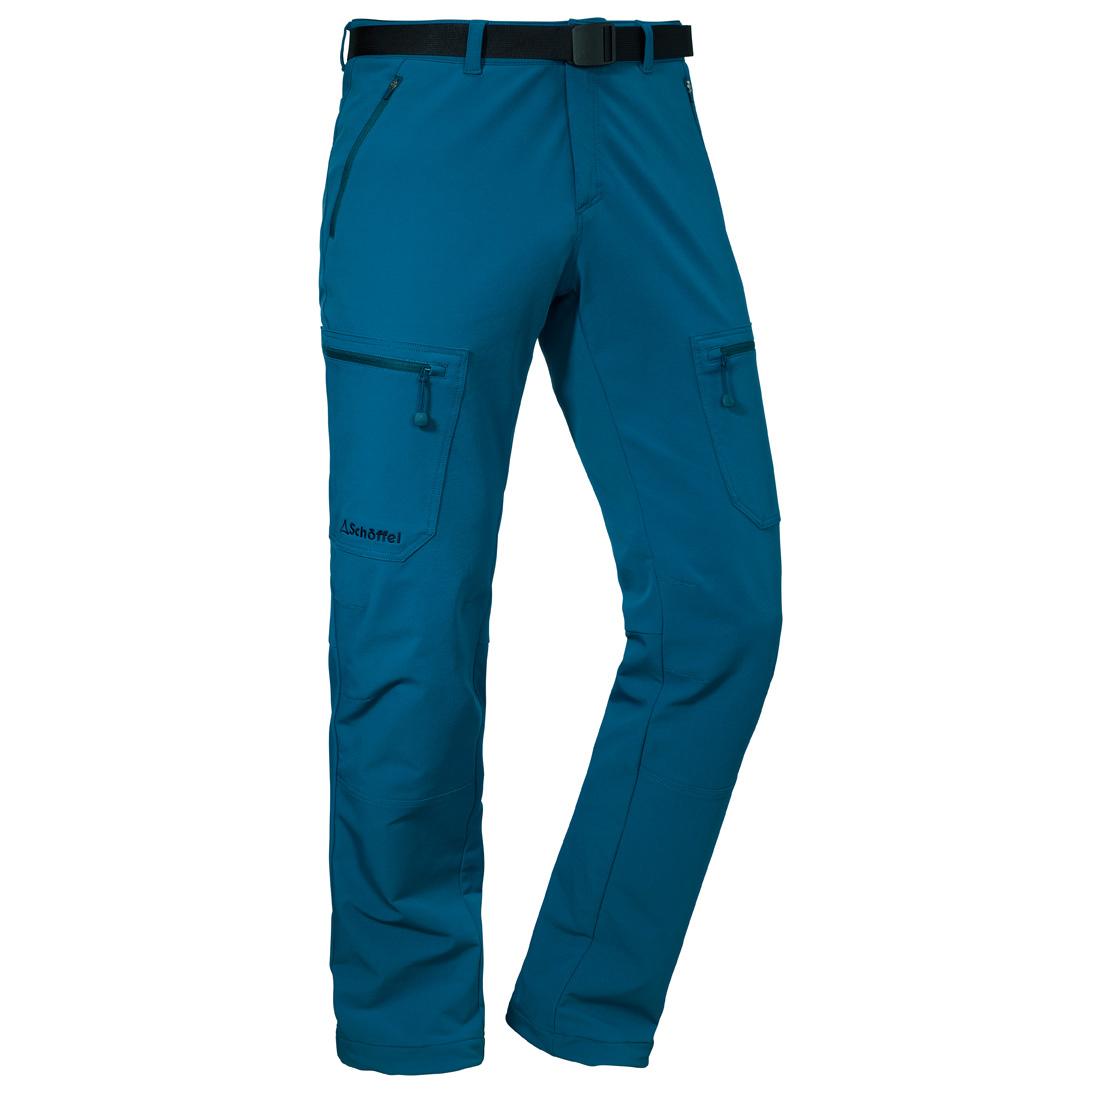 Schöffel Pants Florenz 2 Wintersport Wanderhose Trekkinghose Freizeithose